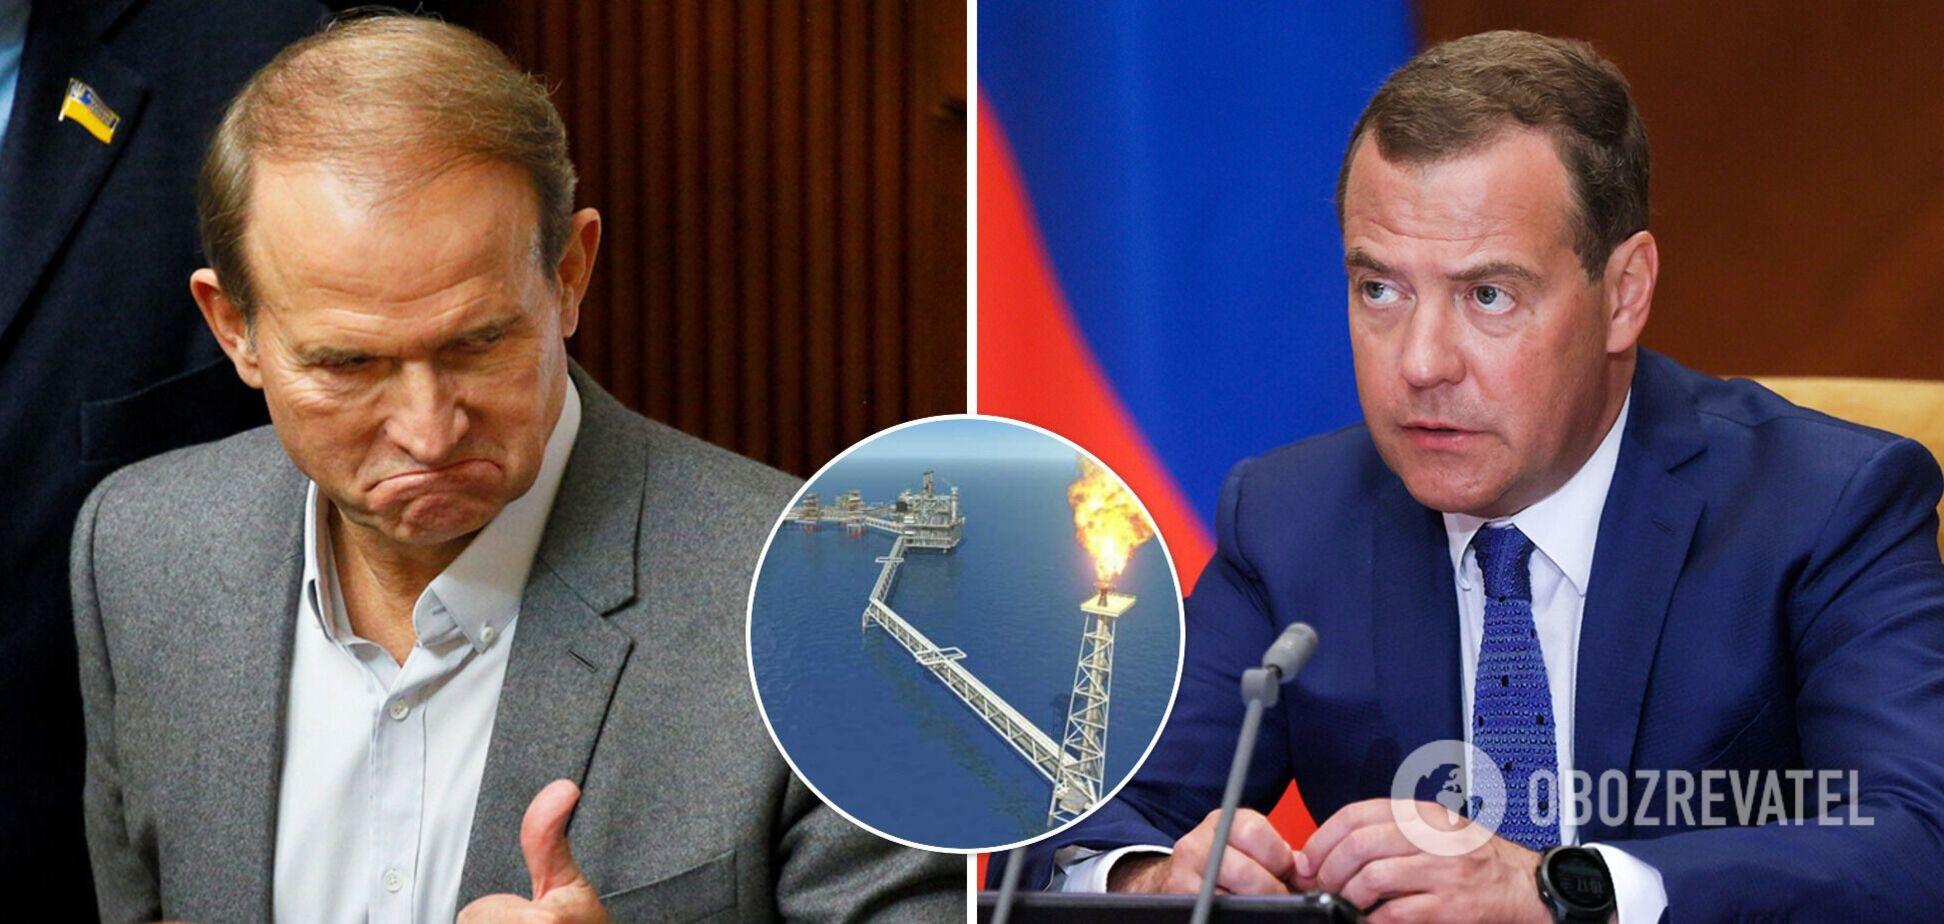 Як Медведчук 'передав' кримське родовище нафти і газу Росії та чи вдасться його посадити: розбір схеми